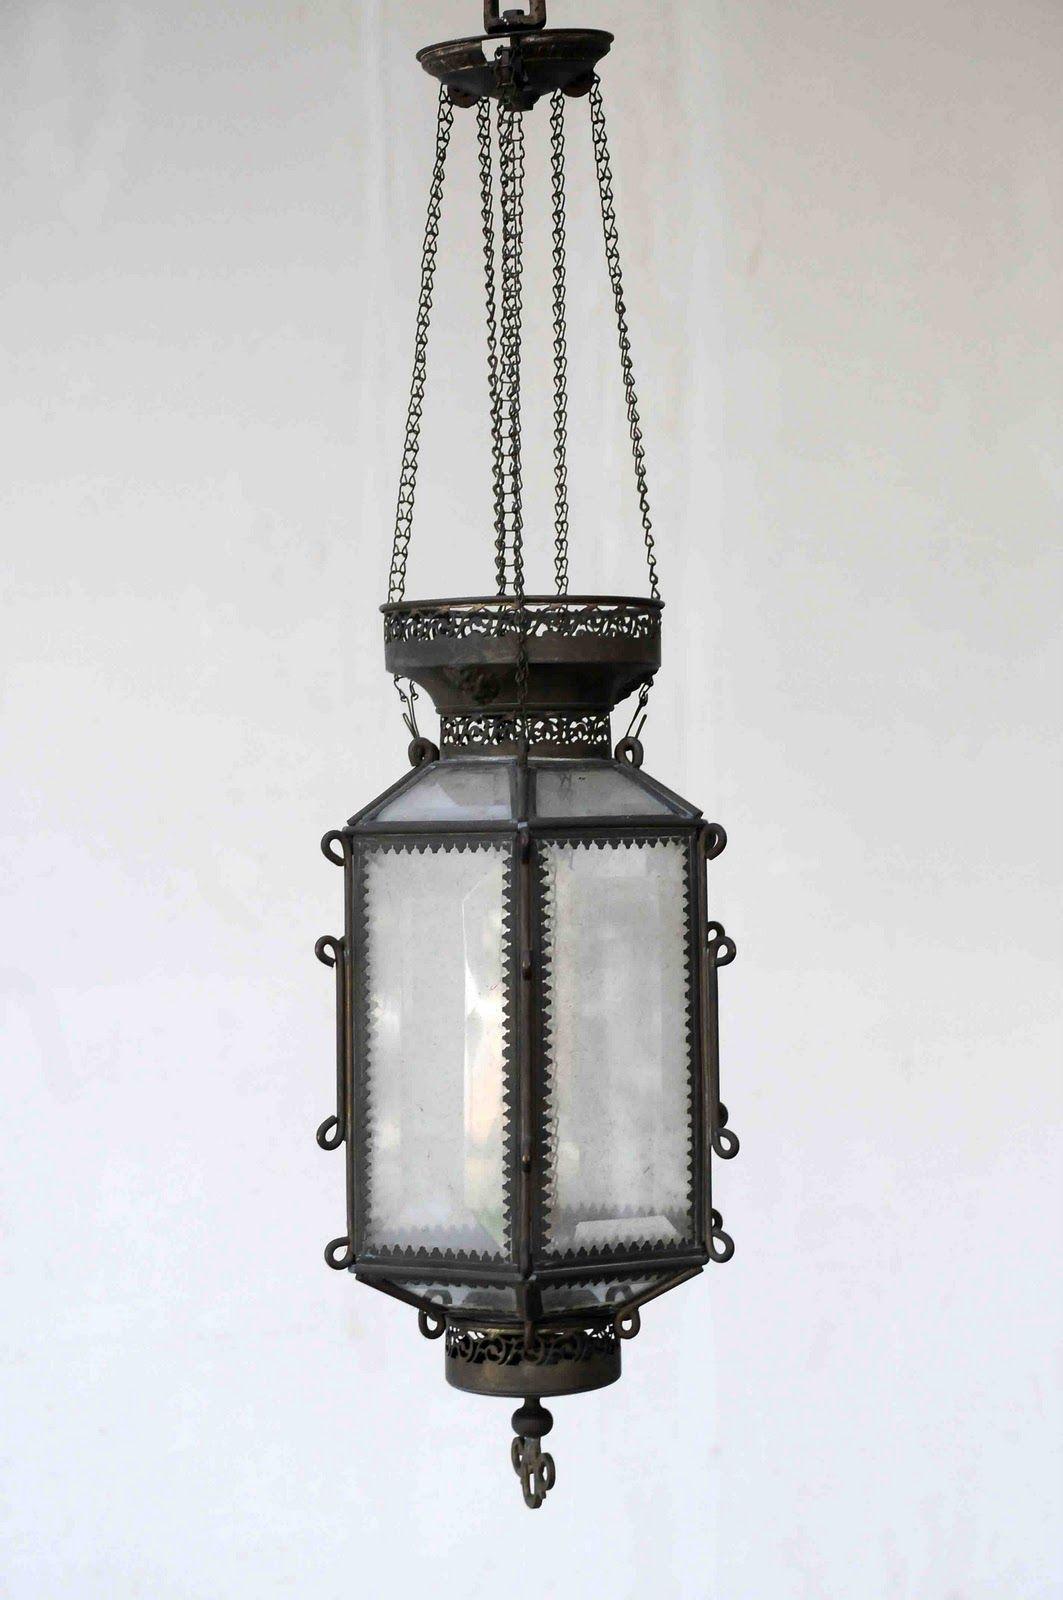 Desain Lampu Rumah Bergaya Vintage Lampu Gantung Gambar 2